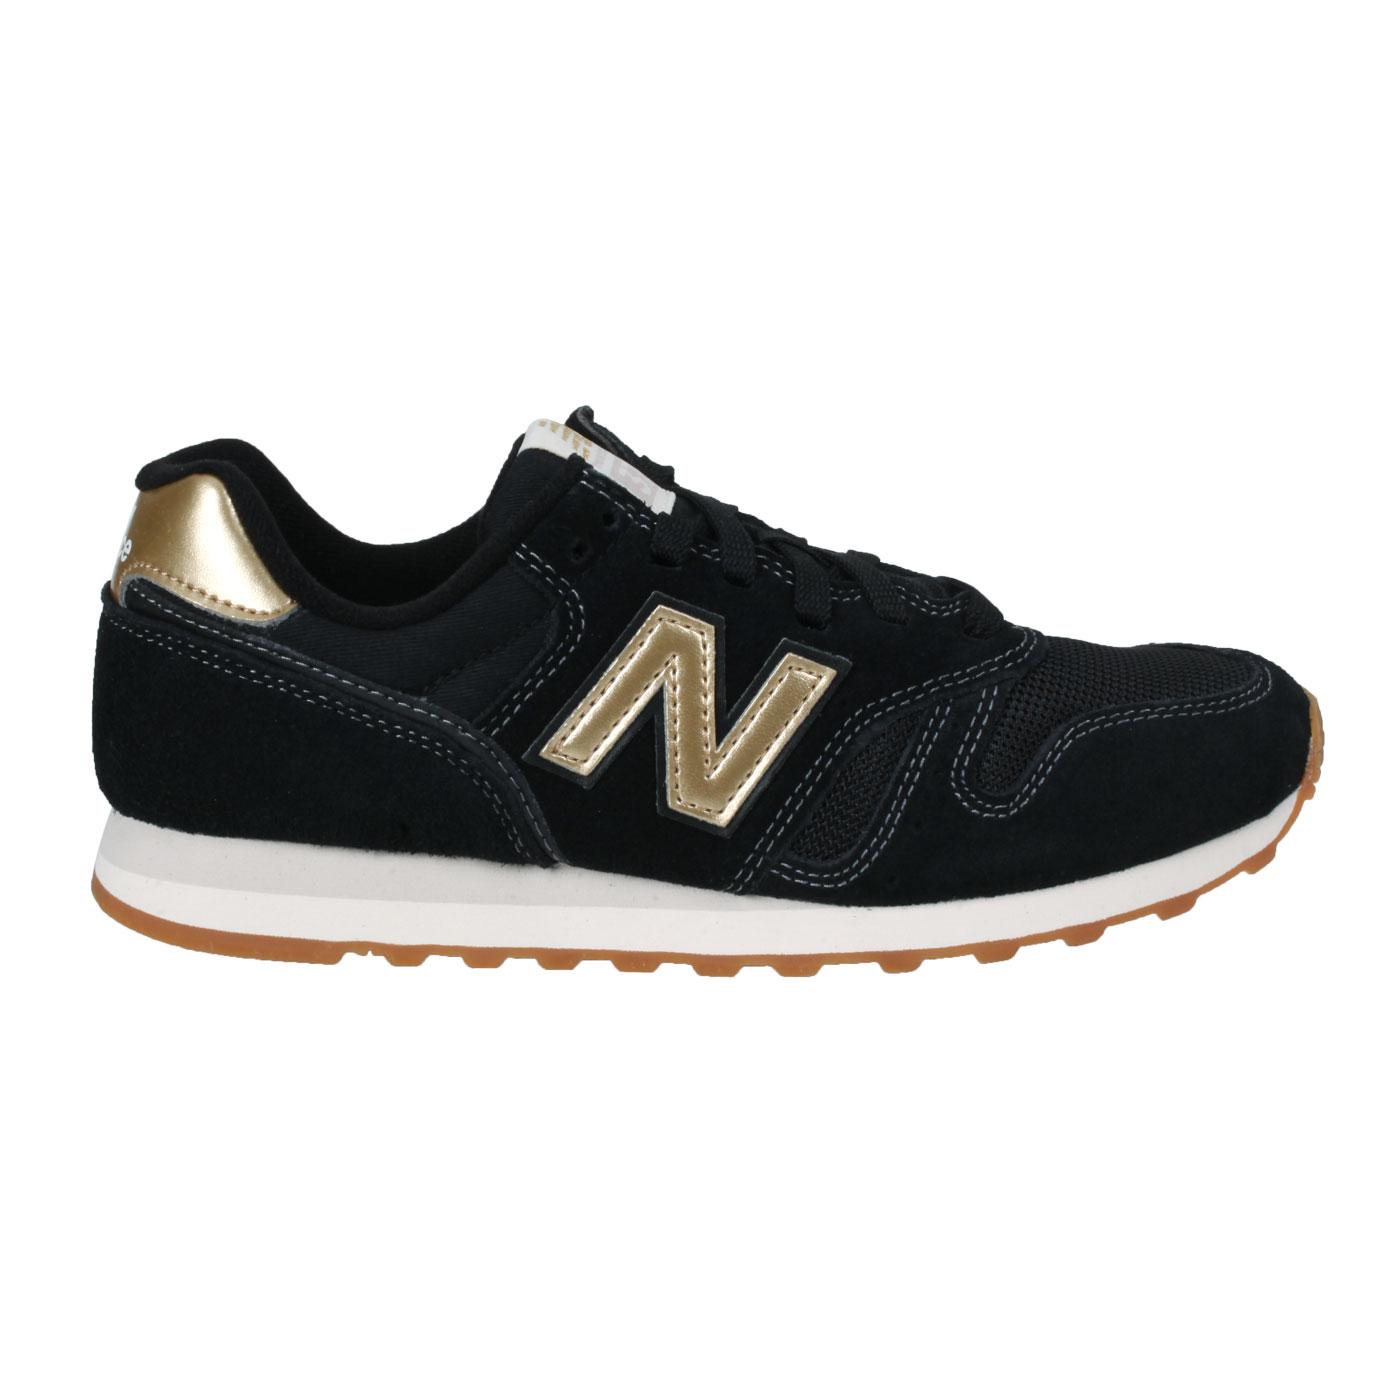 NEW BALANCE 女款復古休閒鞋 WL373FB2 - 黑金